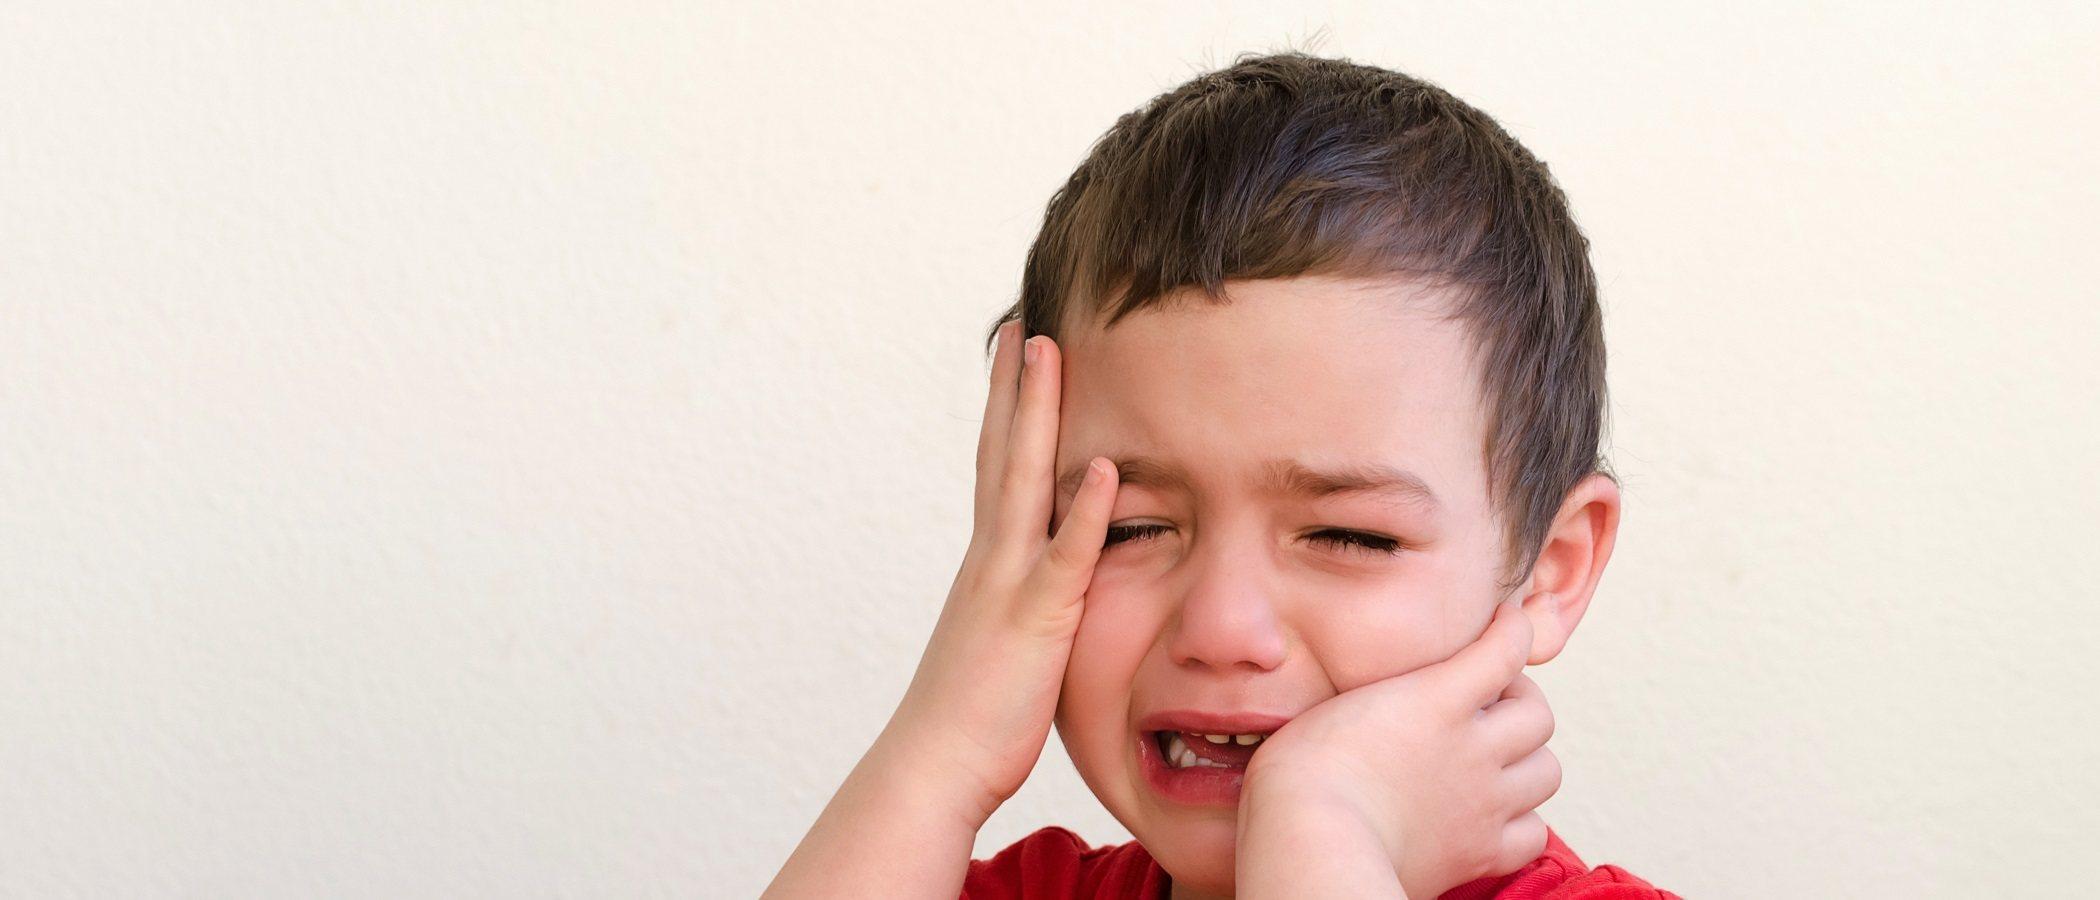 Consecuencias a largo plazo en los niños mimados